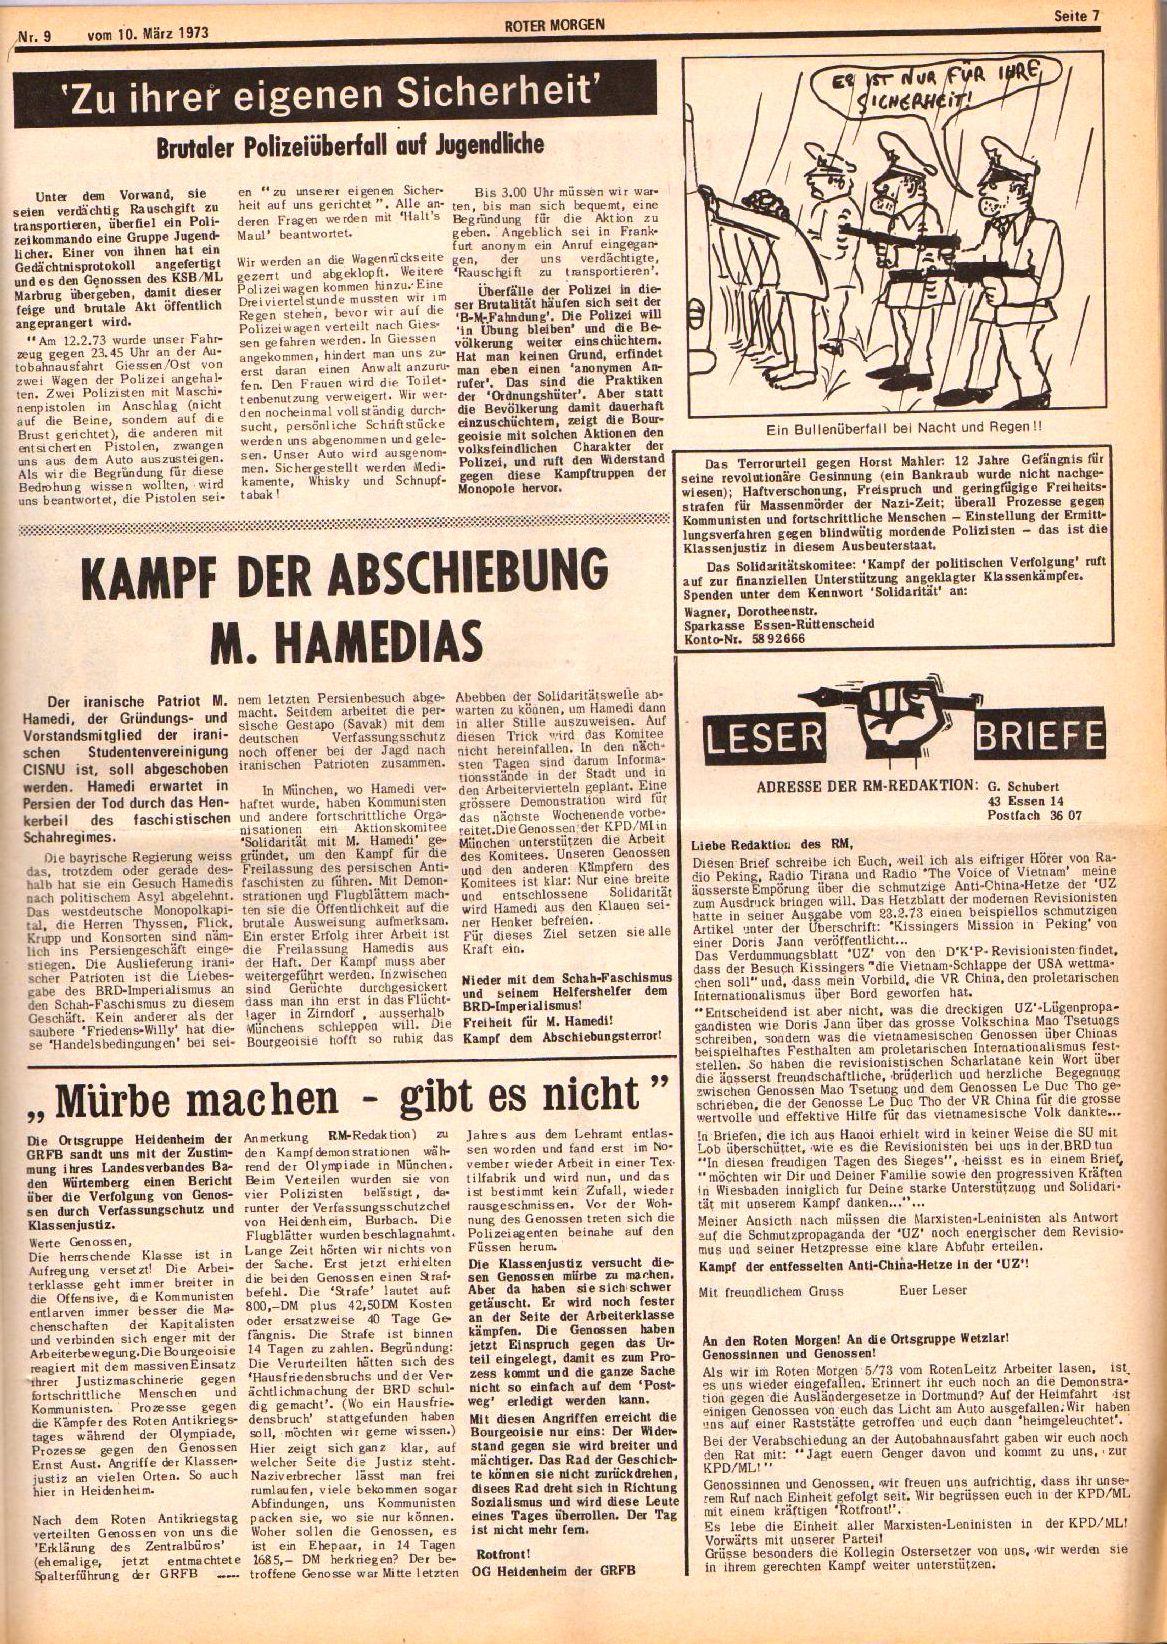 Roter Morgen, 7. Jg., 10. März 1973, Nr. 9, Seite 7